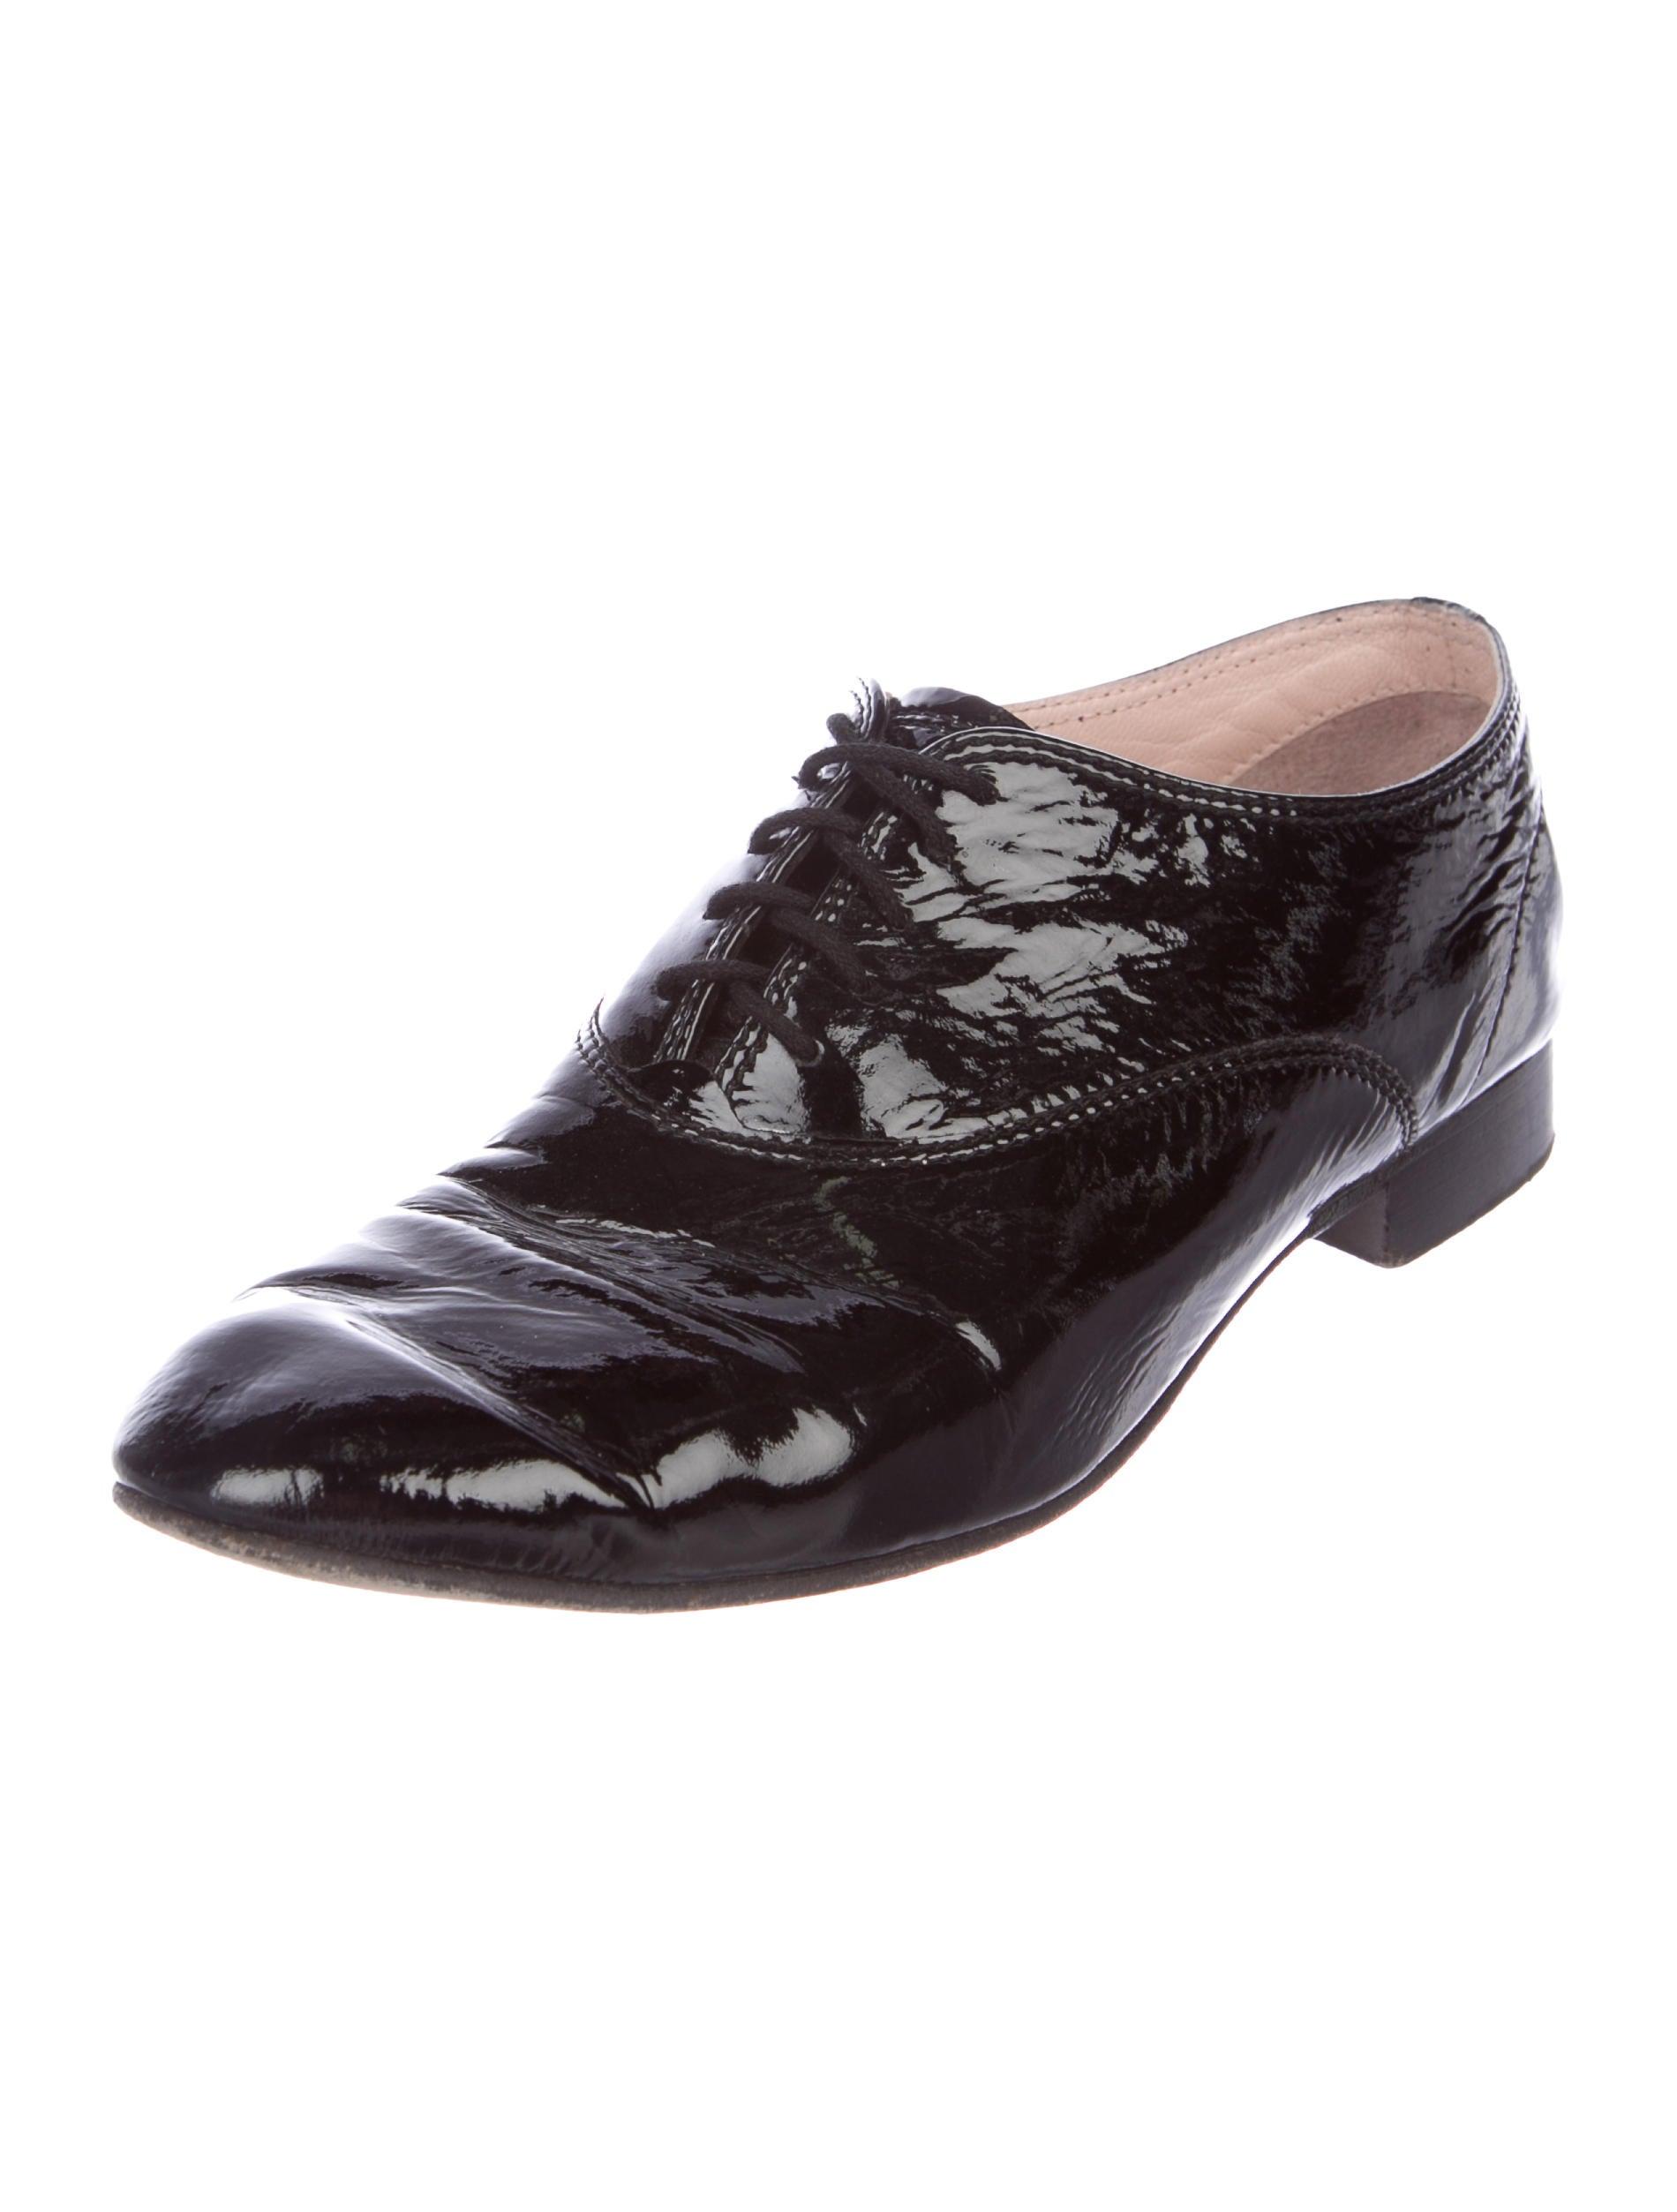 sale geniue stockist sale view Bloch Patent Leather Lace-Up Oxfords TtrejeXR